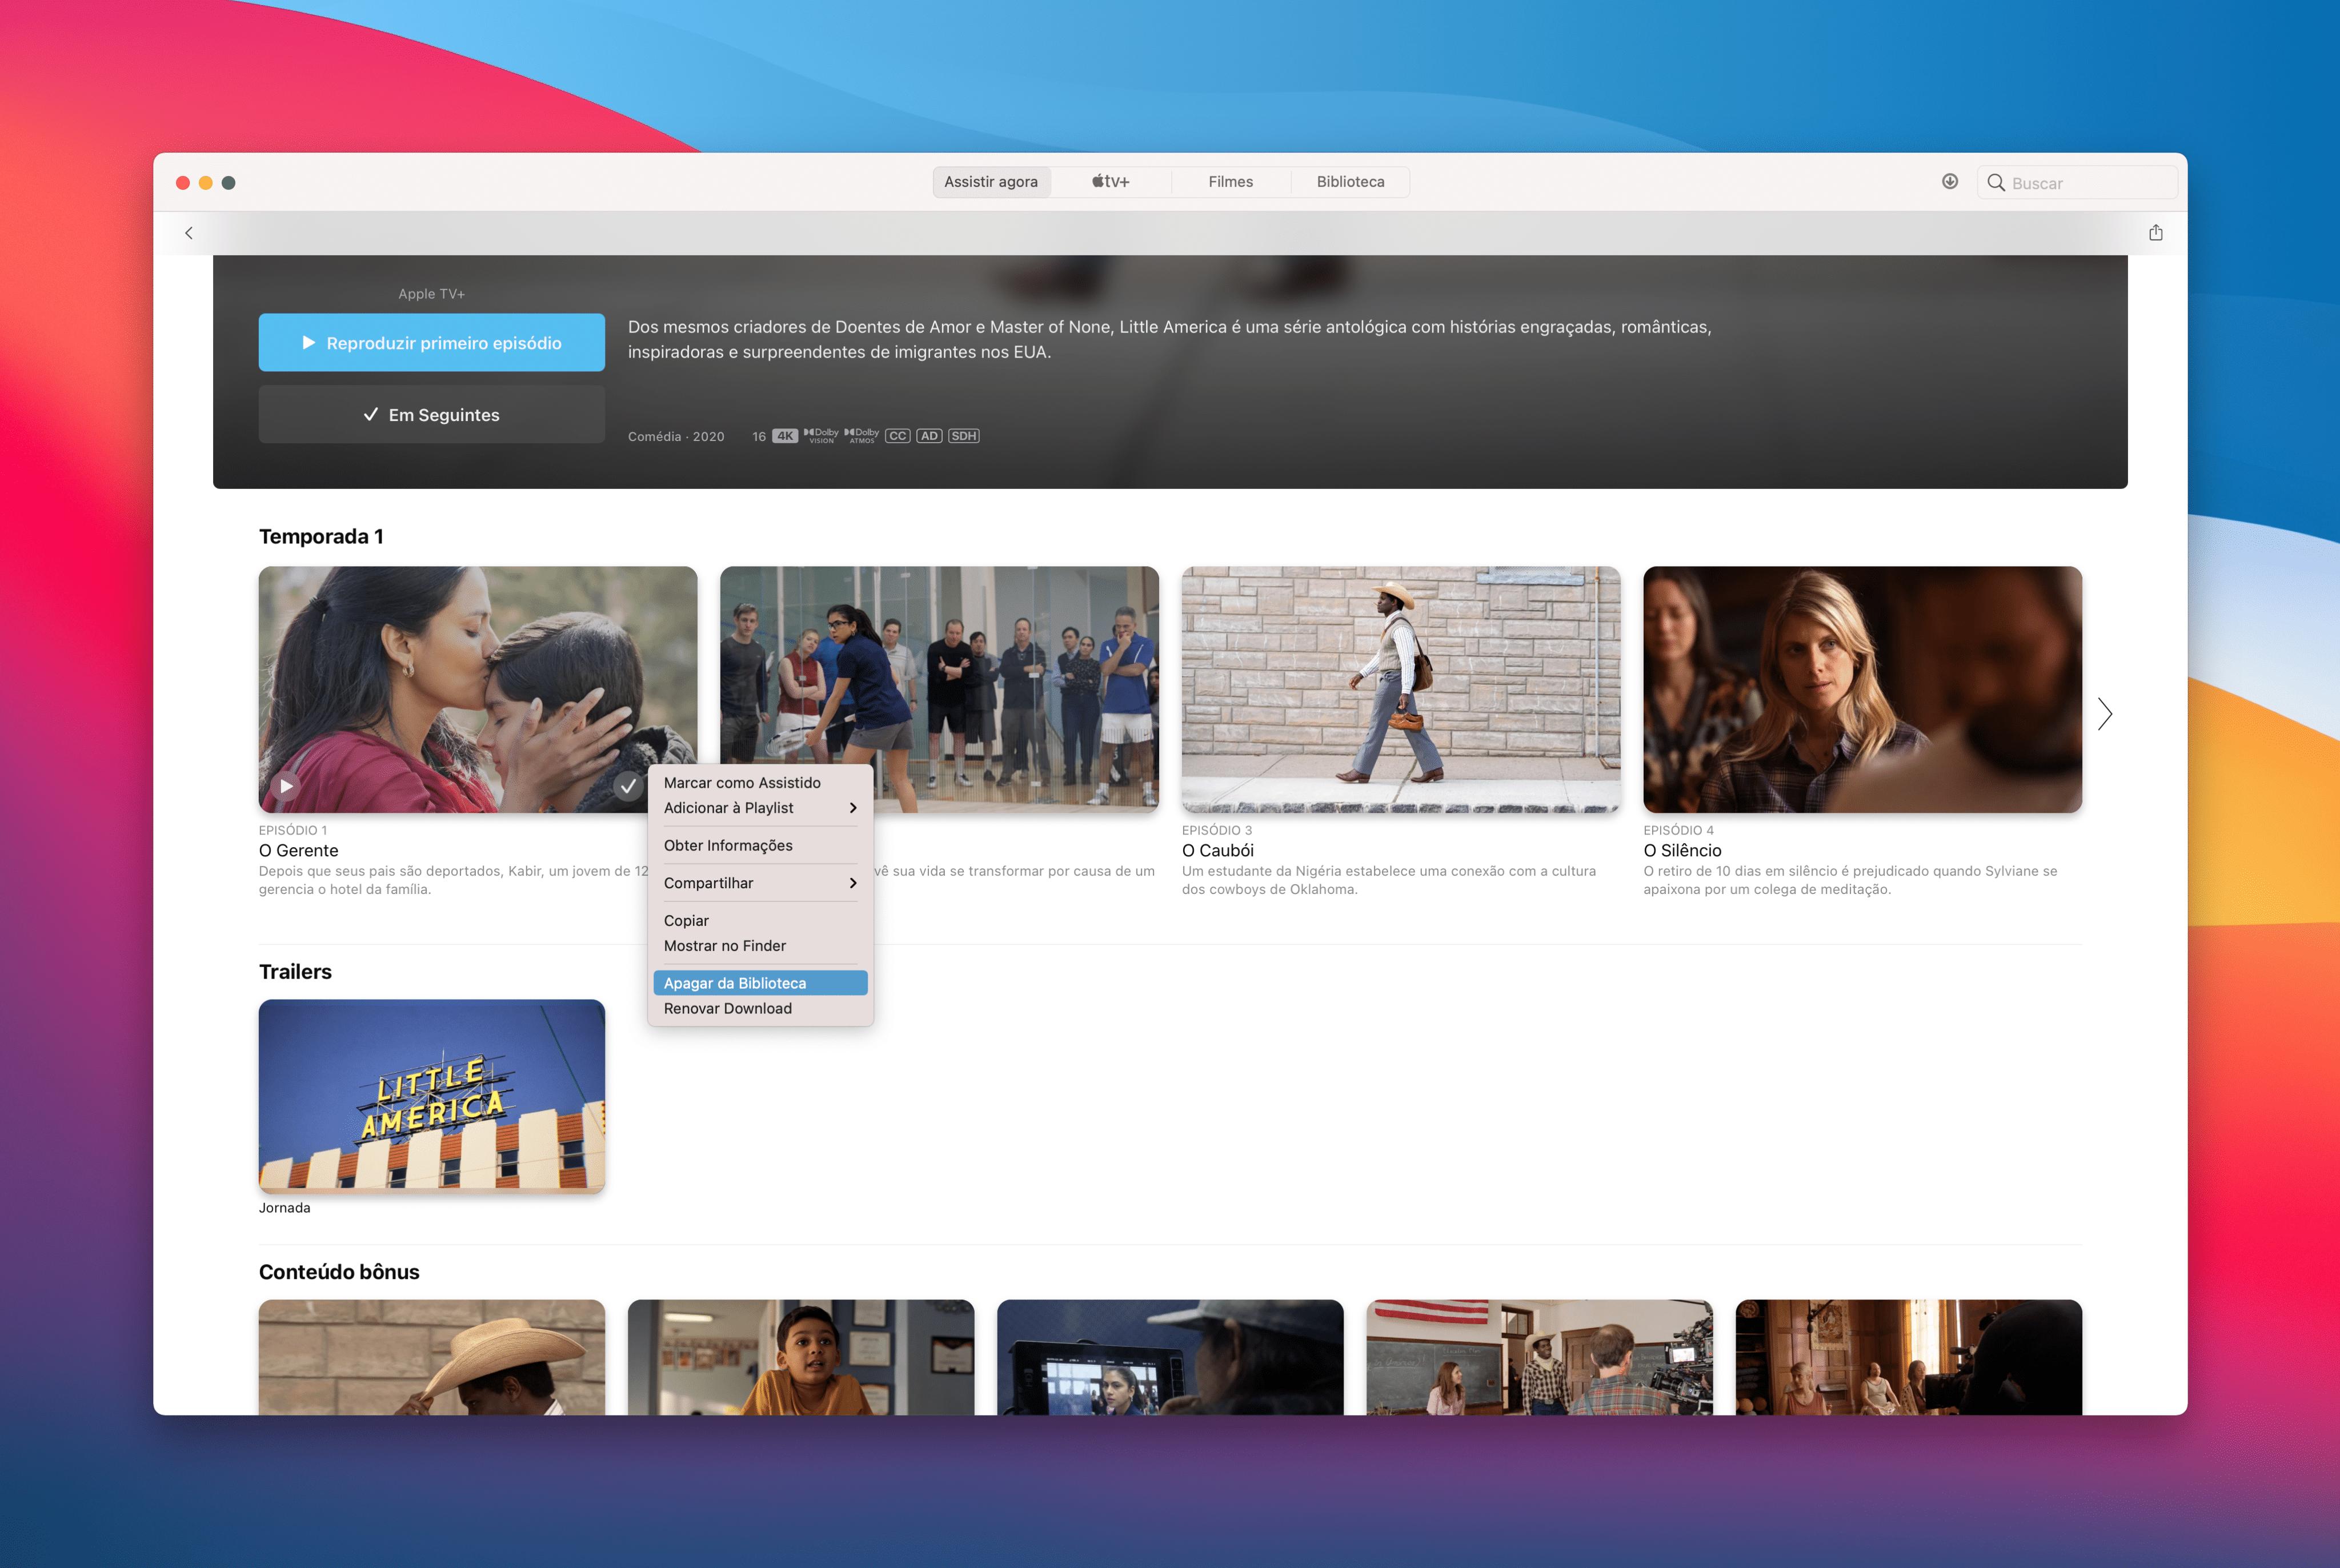 Apagando um episódio/filme do Apple TV+ no Mac